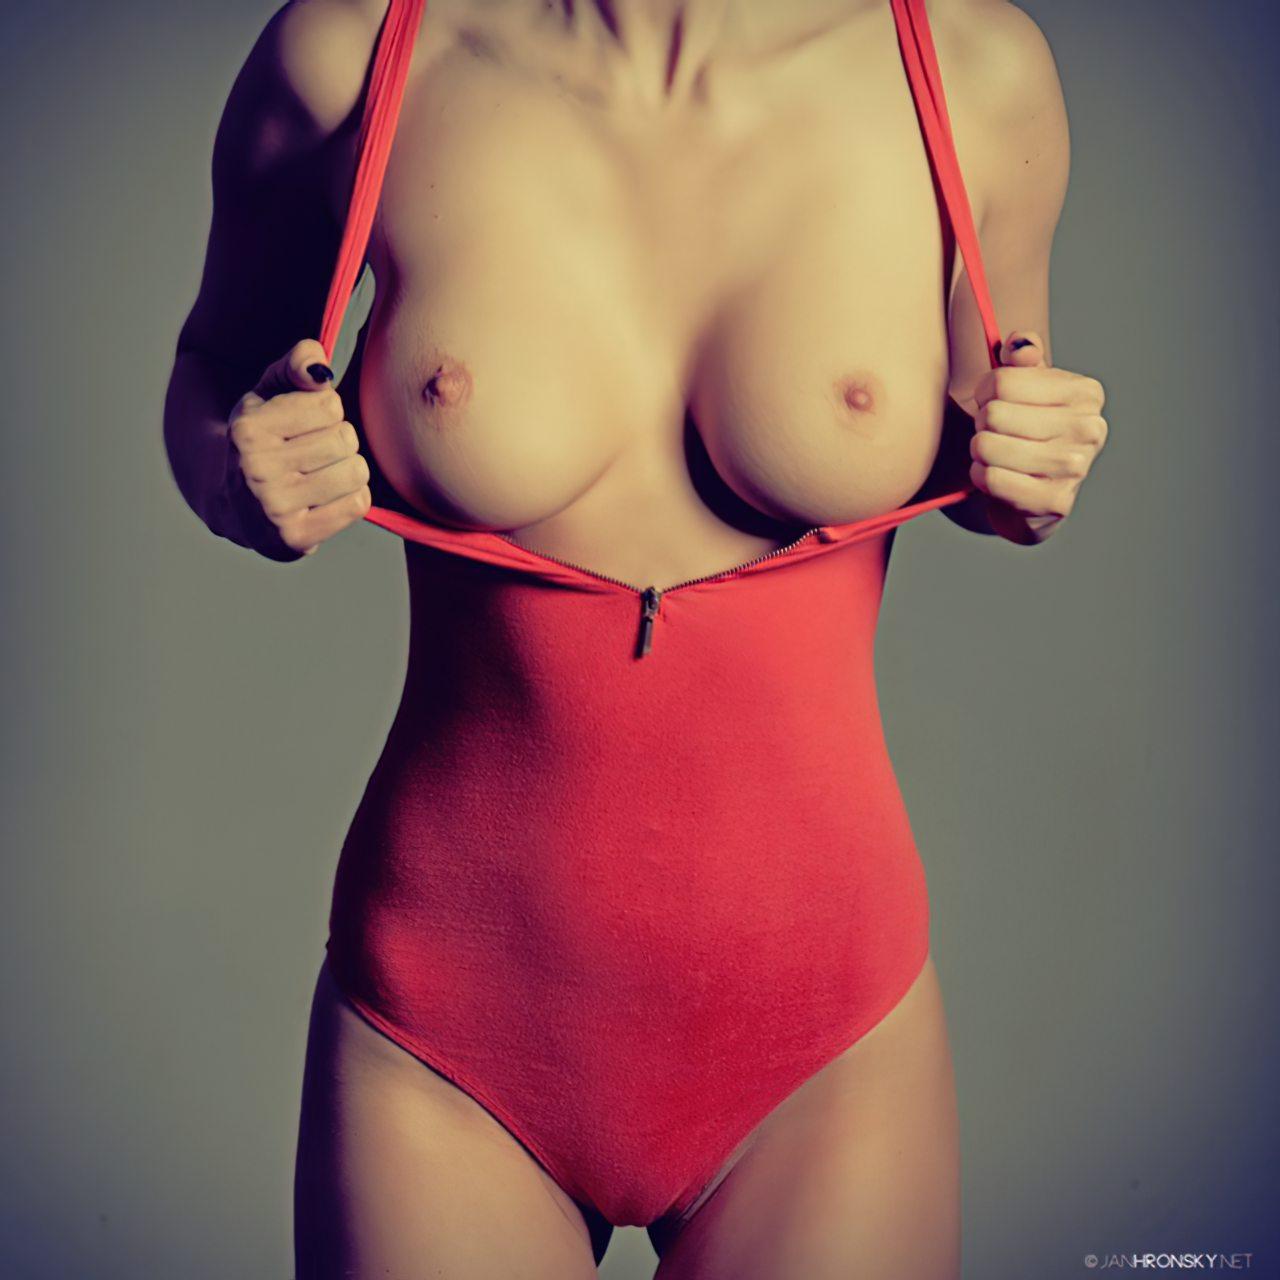 Mulheres Gostosas Nuas (15)